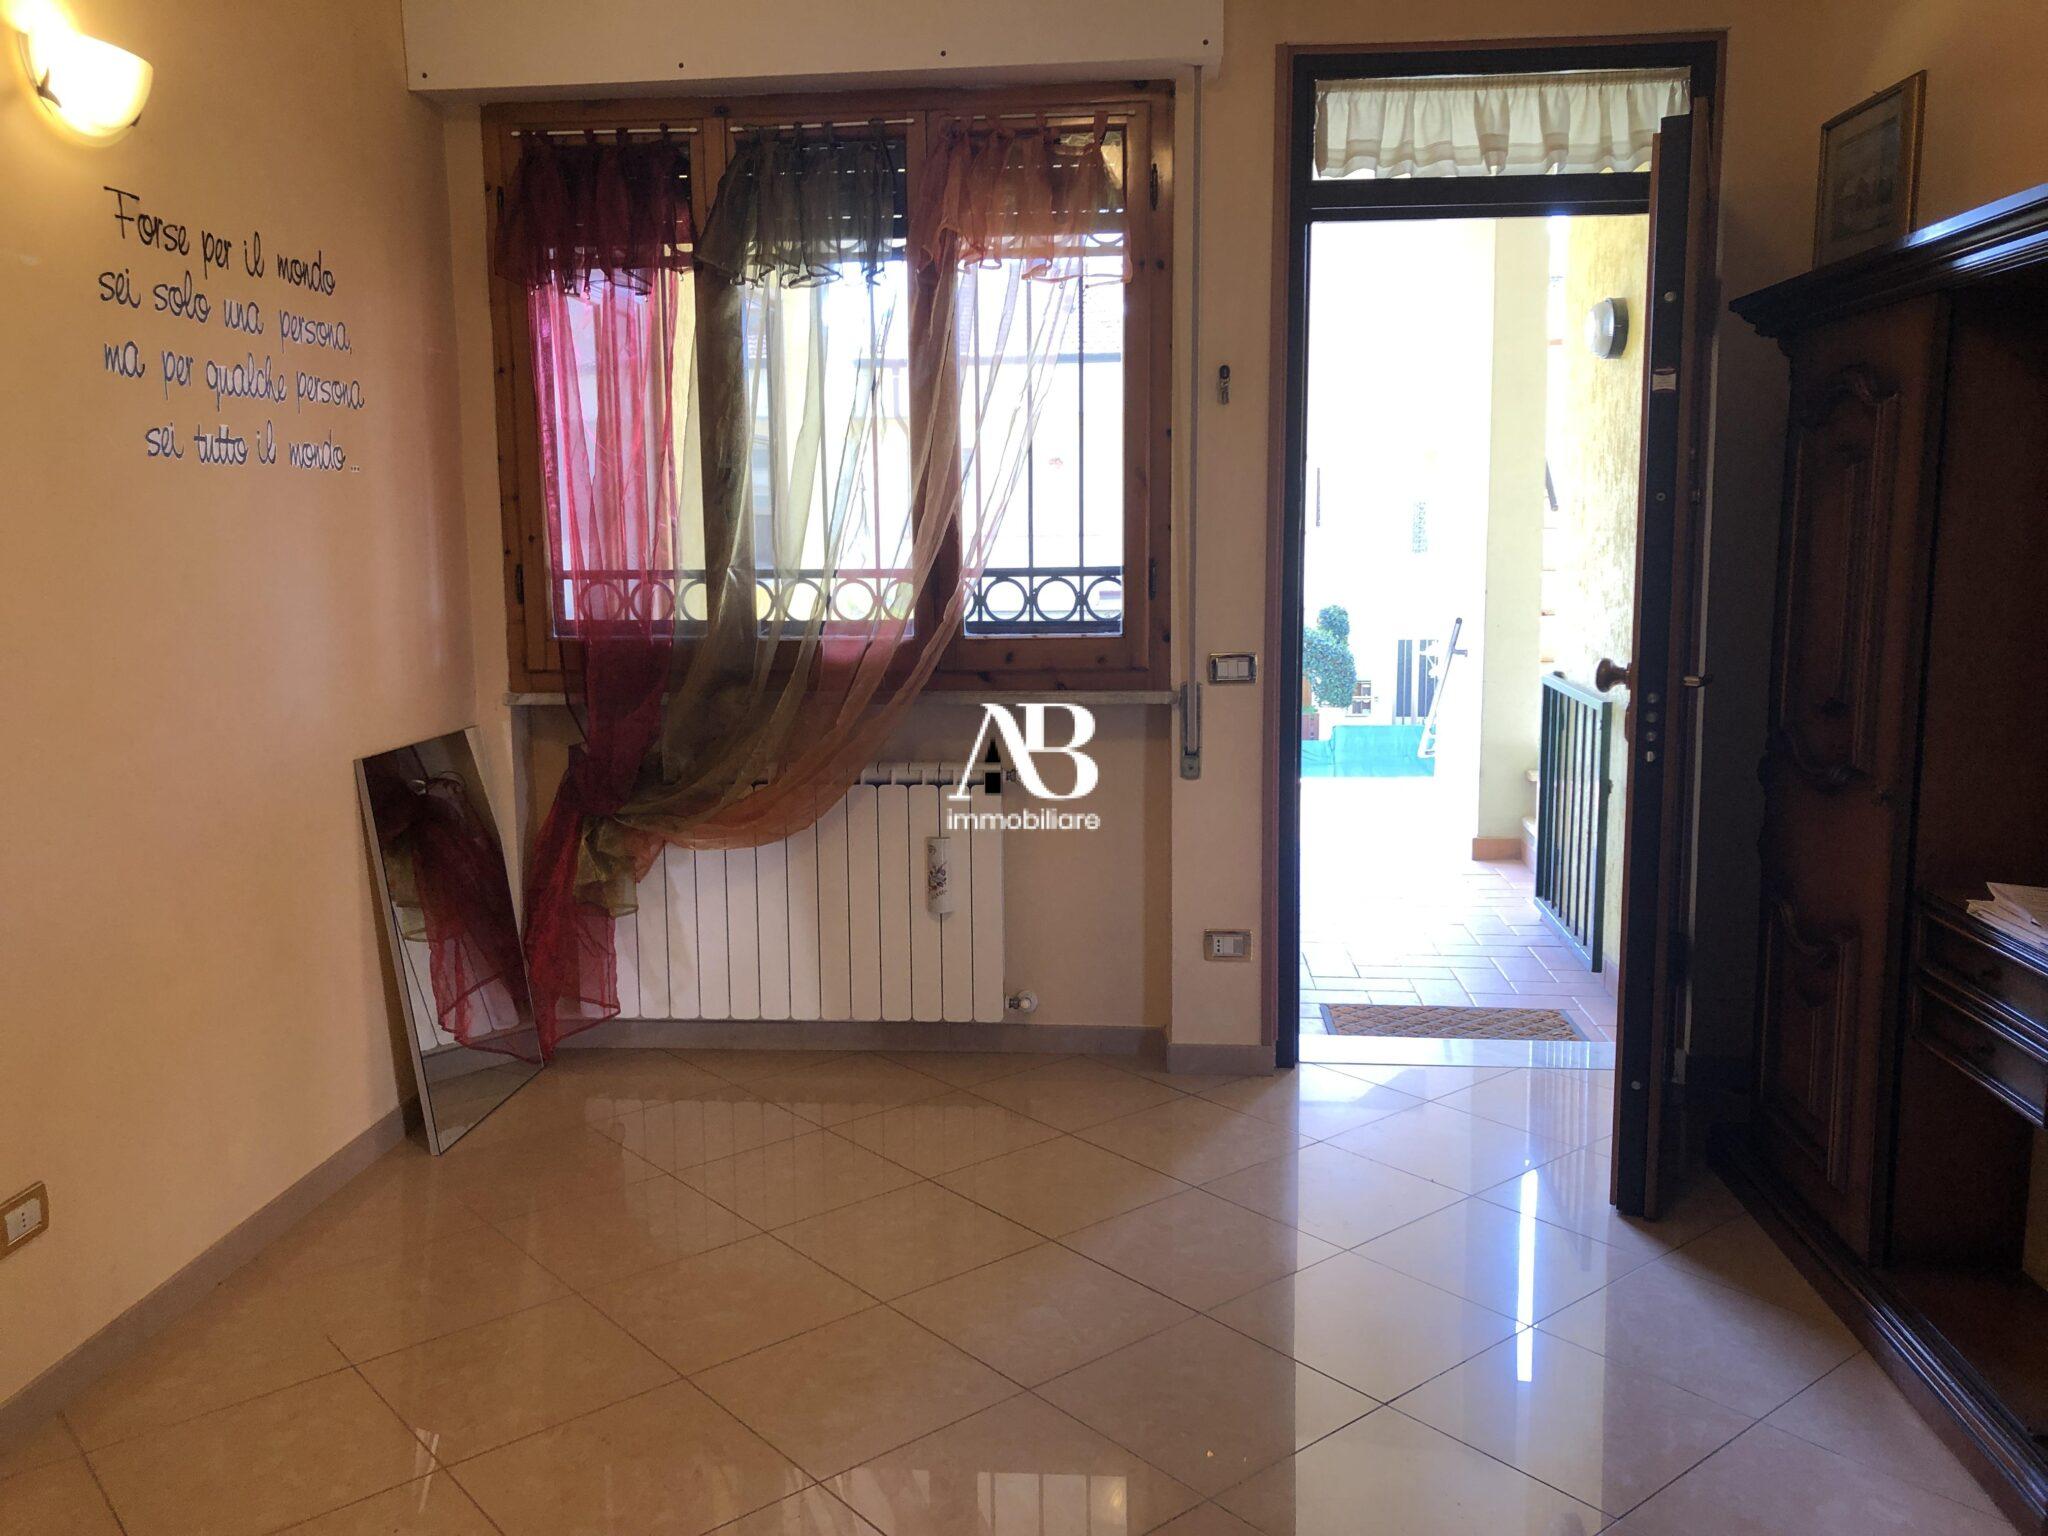 Appartamento ristrutturato e arredato